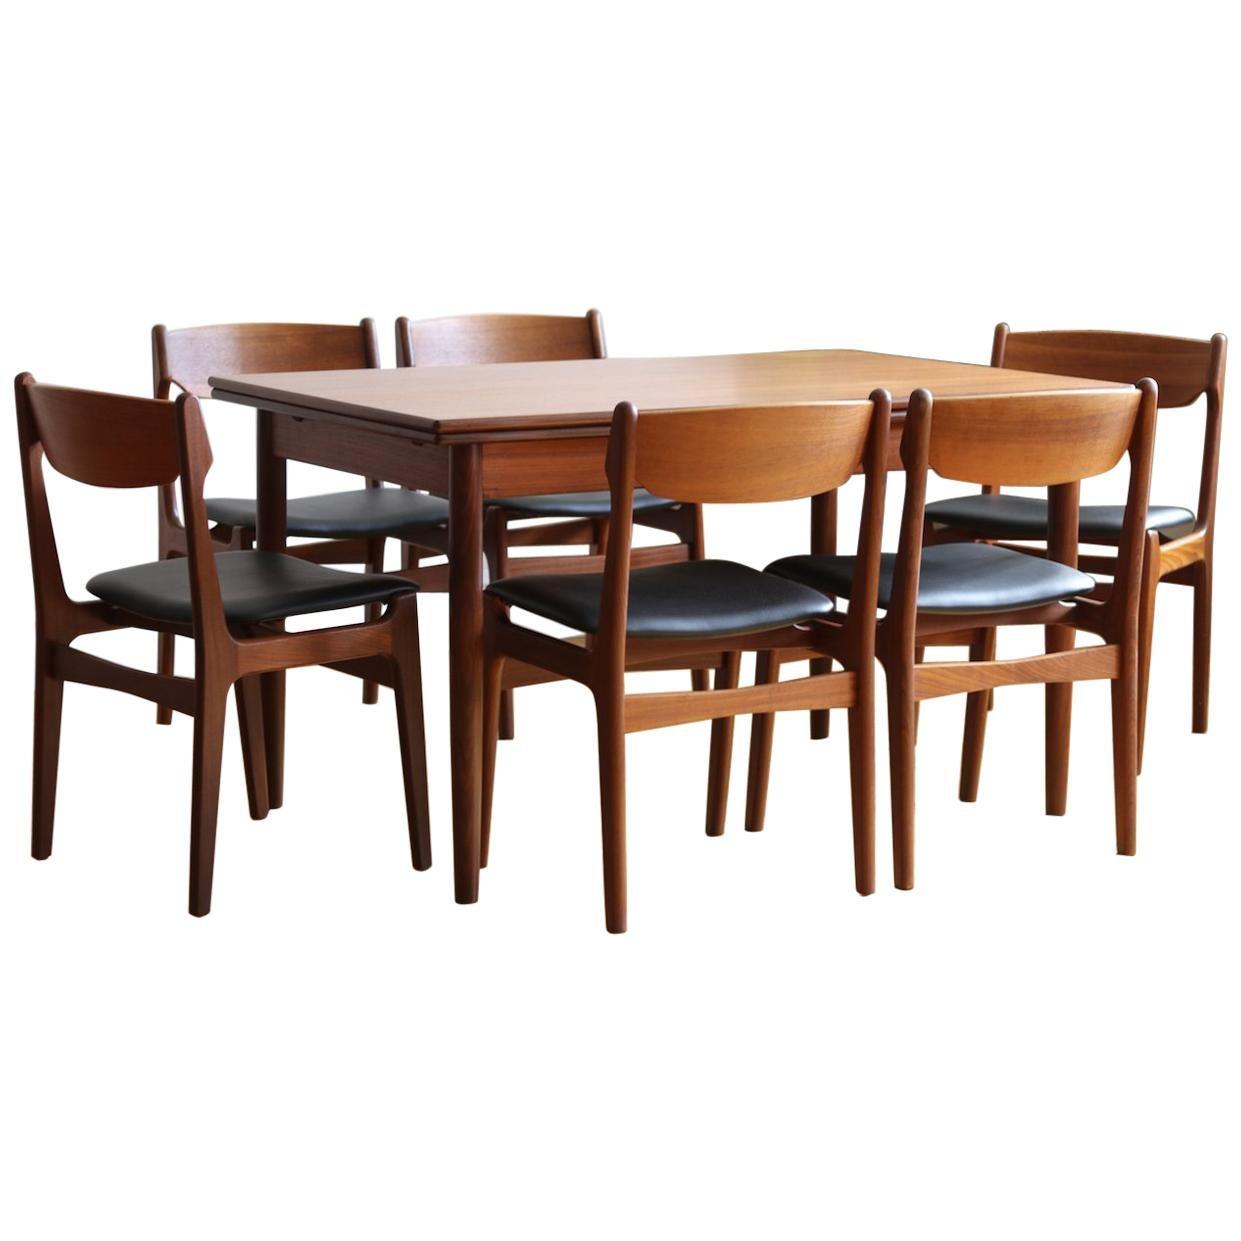 Merveilleux Mid Century Danish Modern Extending Findahls Dining Set For Sale